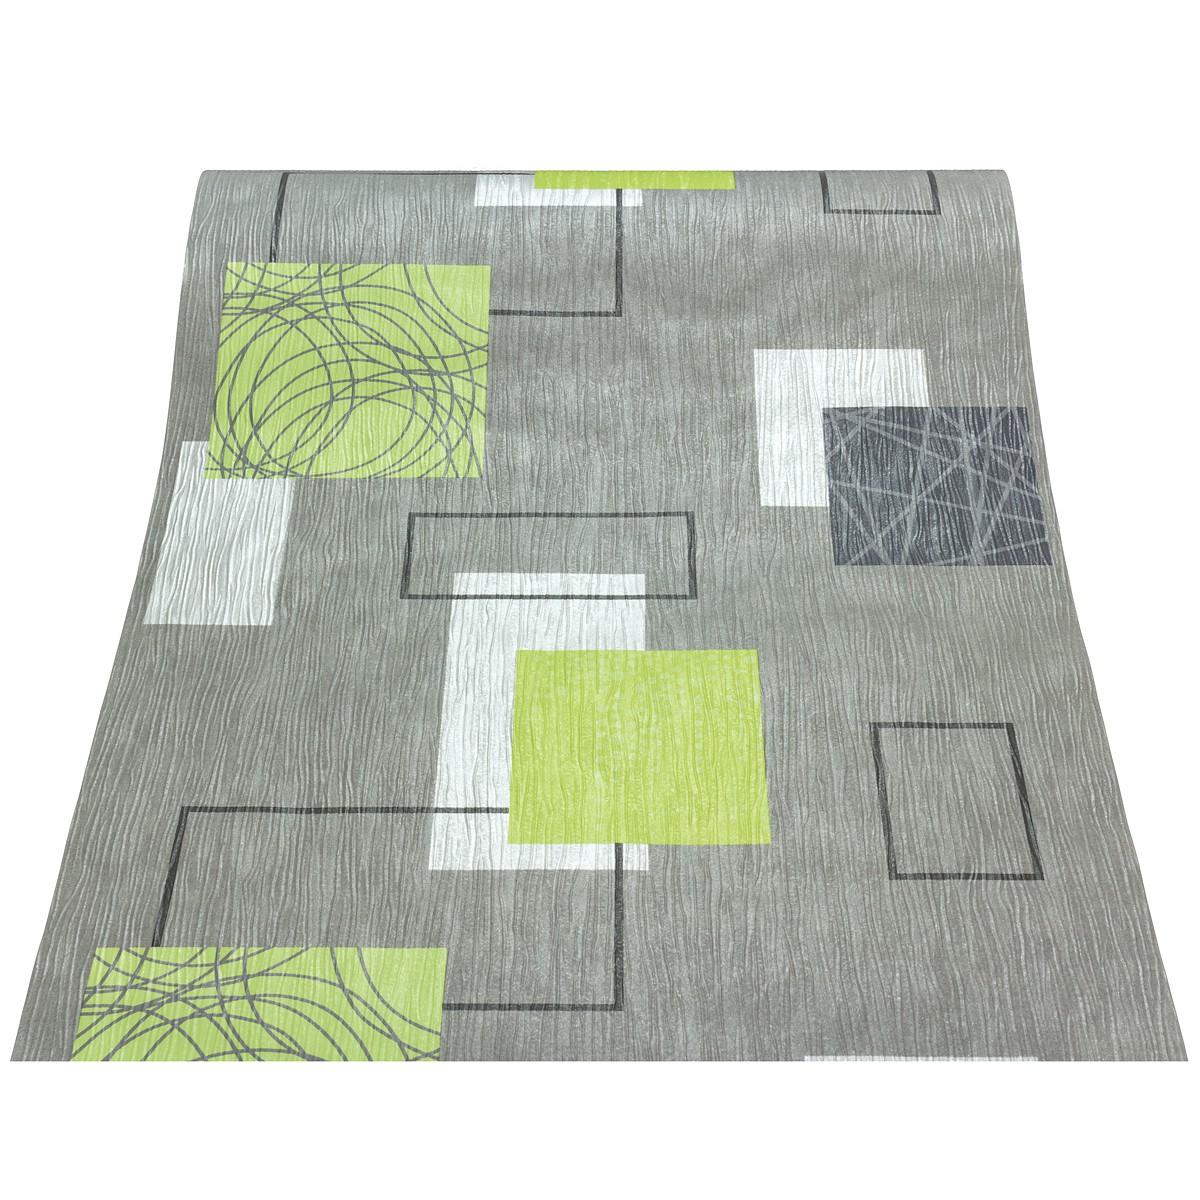 Schlafzimmer Tapeten Gr?n : Rasch homestyle Domino 277524 Tapete Kreise Streifen Struktur grau